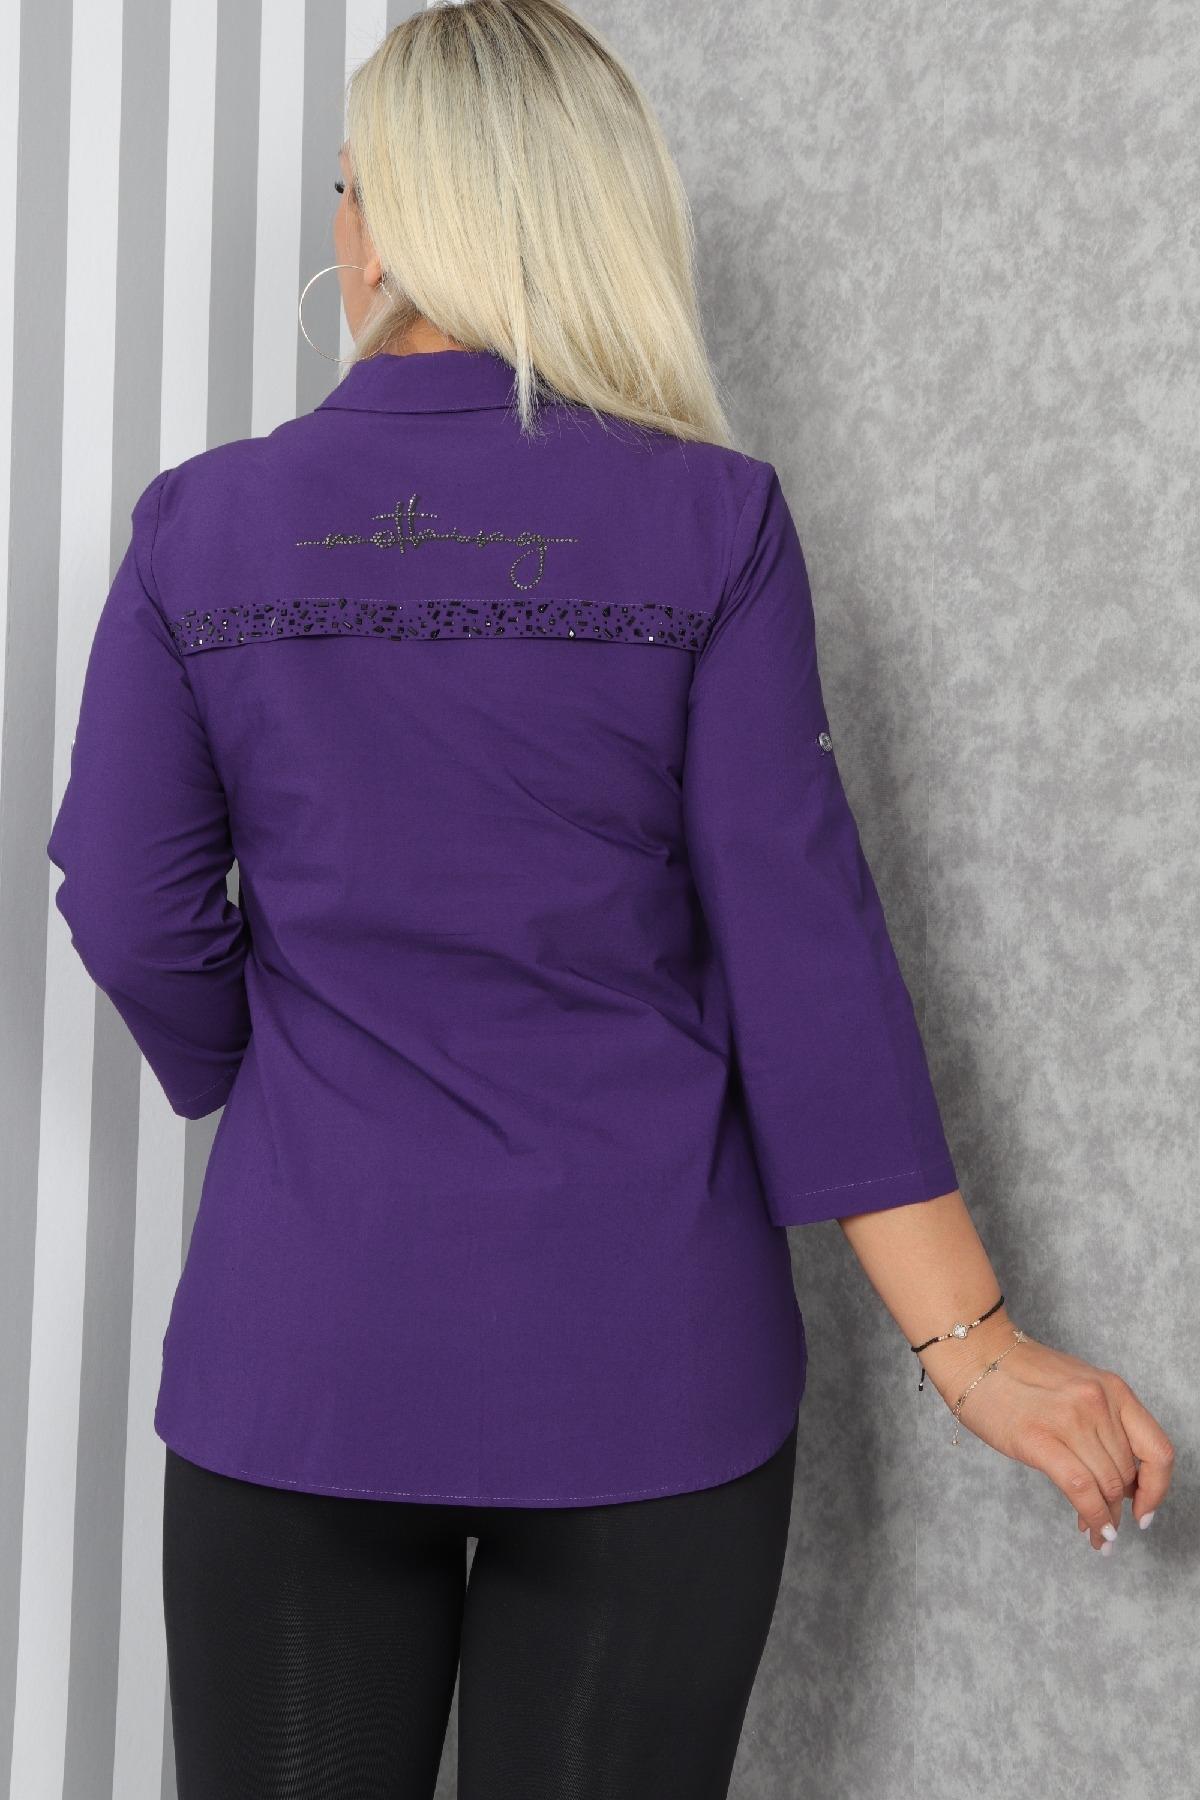 Shirt-Lilac